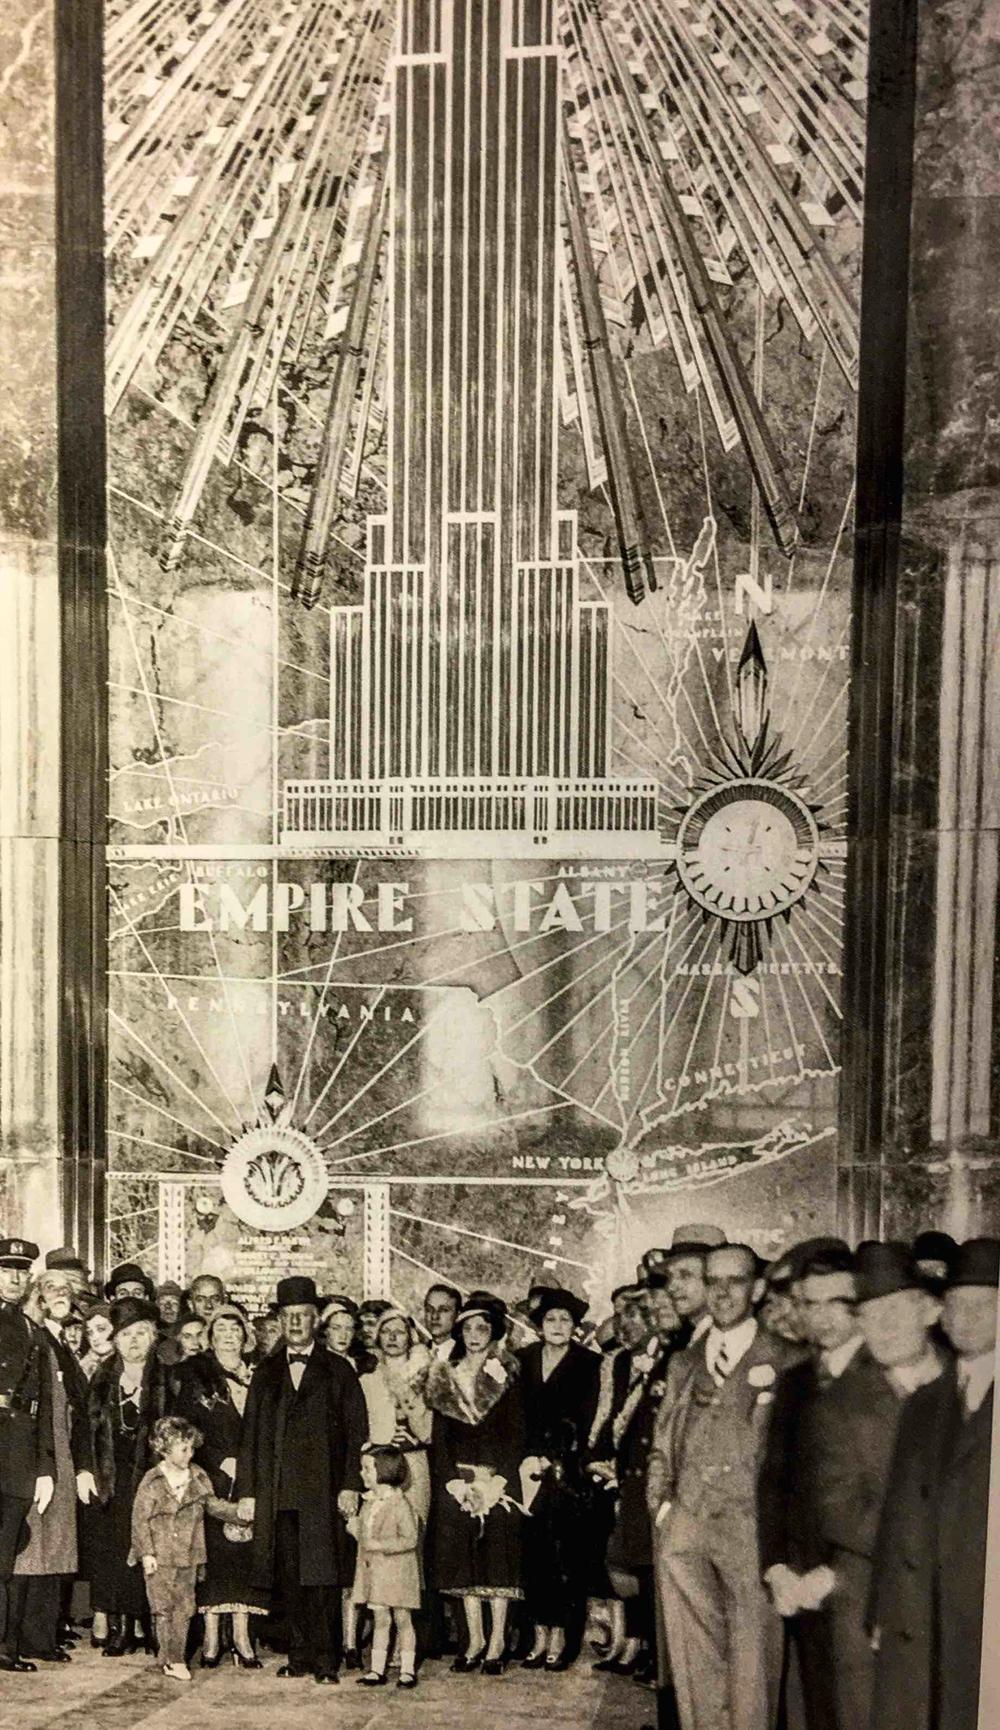 1 MAGGIO 1930 – IL GIORNO DELL'INAUGURAZIONE DELL'EMPIRE STATE BUILDING. (IMMAGINE: NYPL)